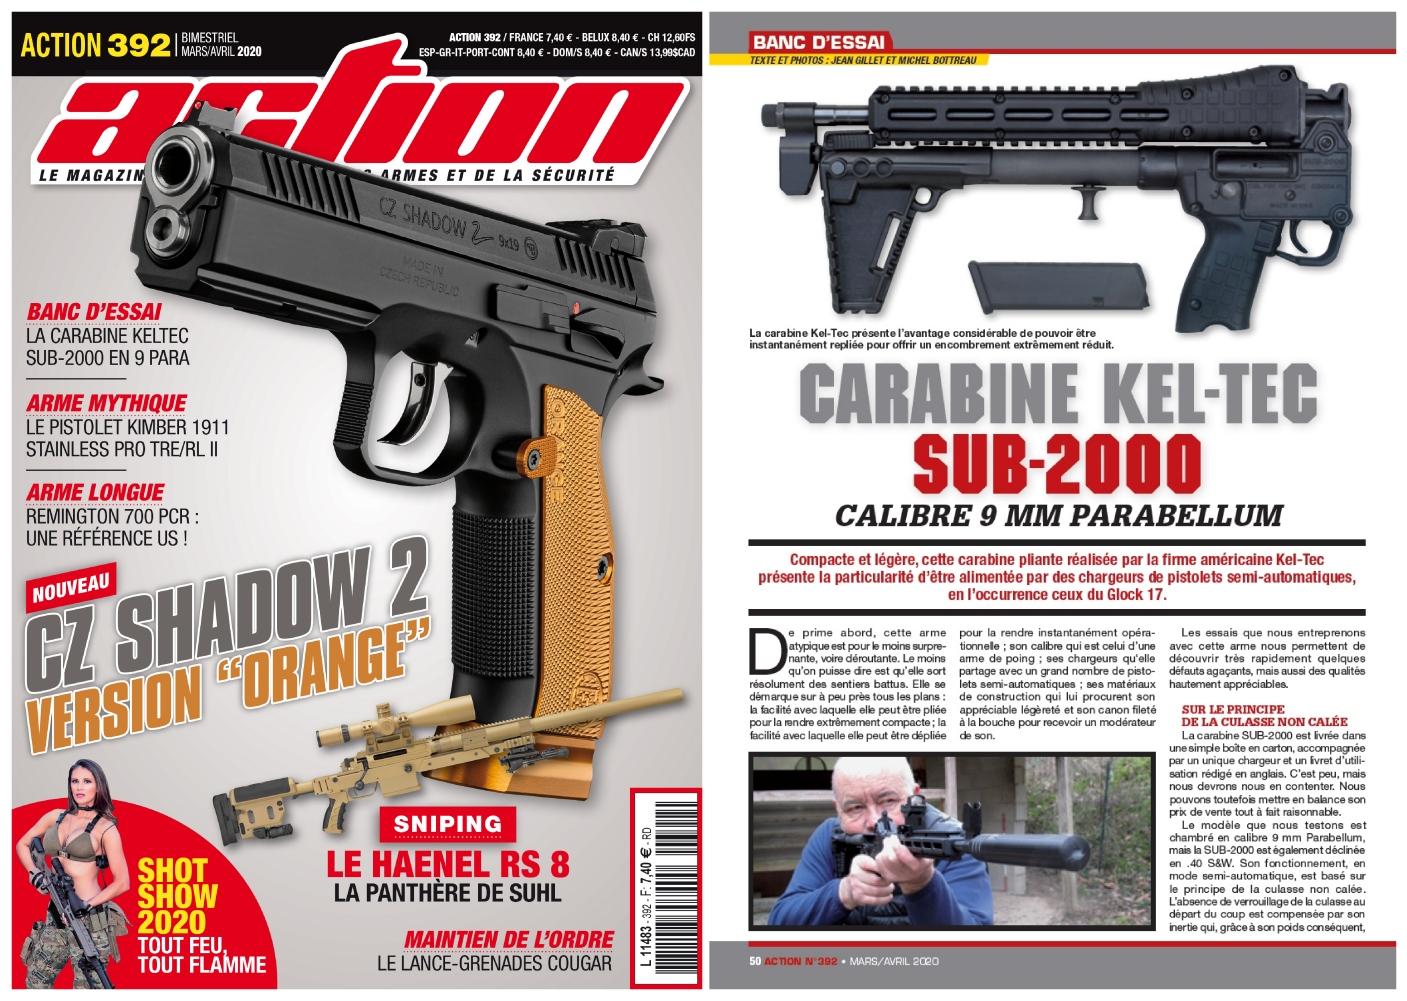 Le banc d'essai de la carabine KEL-TEC SUB-2000 a été publié sur 5 pages dans le magazine Action n°392 (mars-avril 2020).